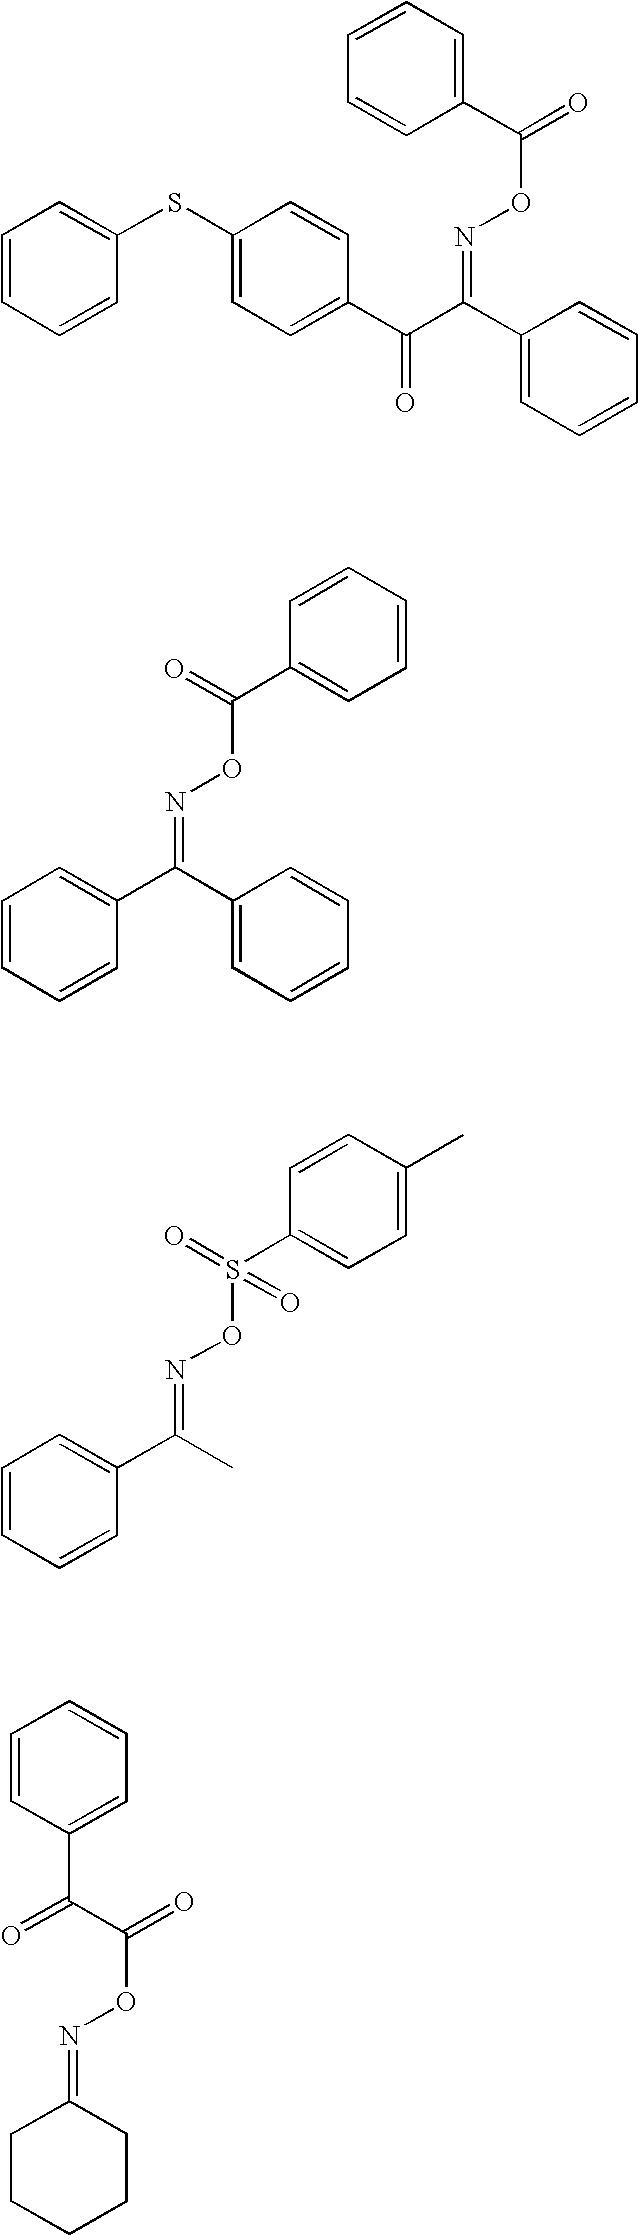 Figure US07425406-20080916-C00057